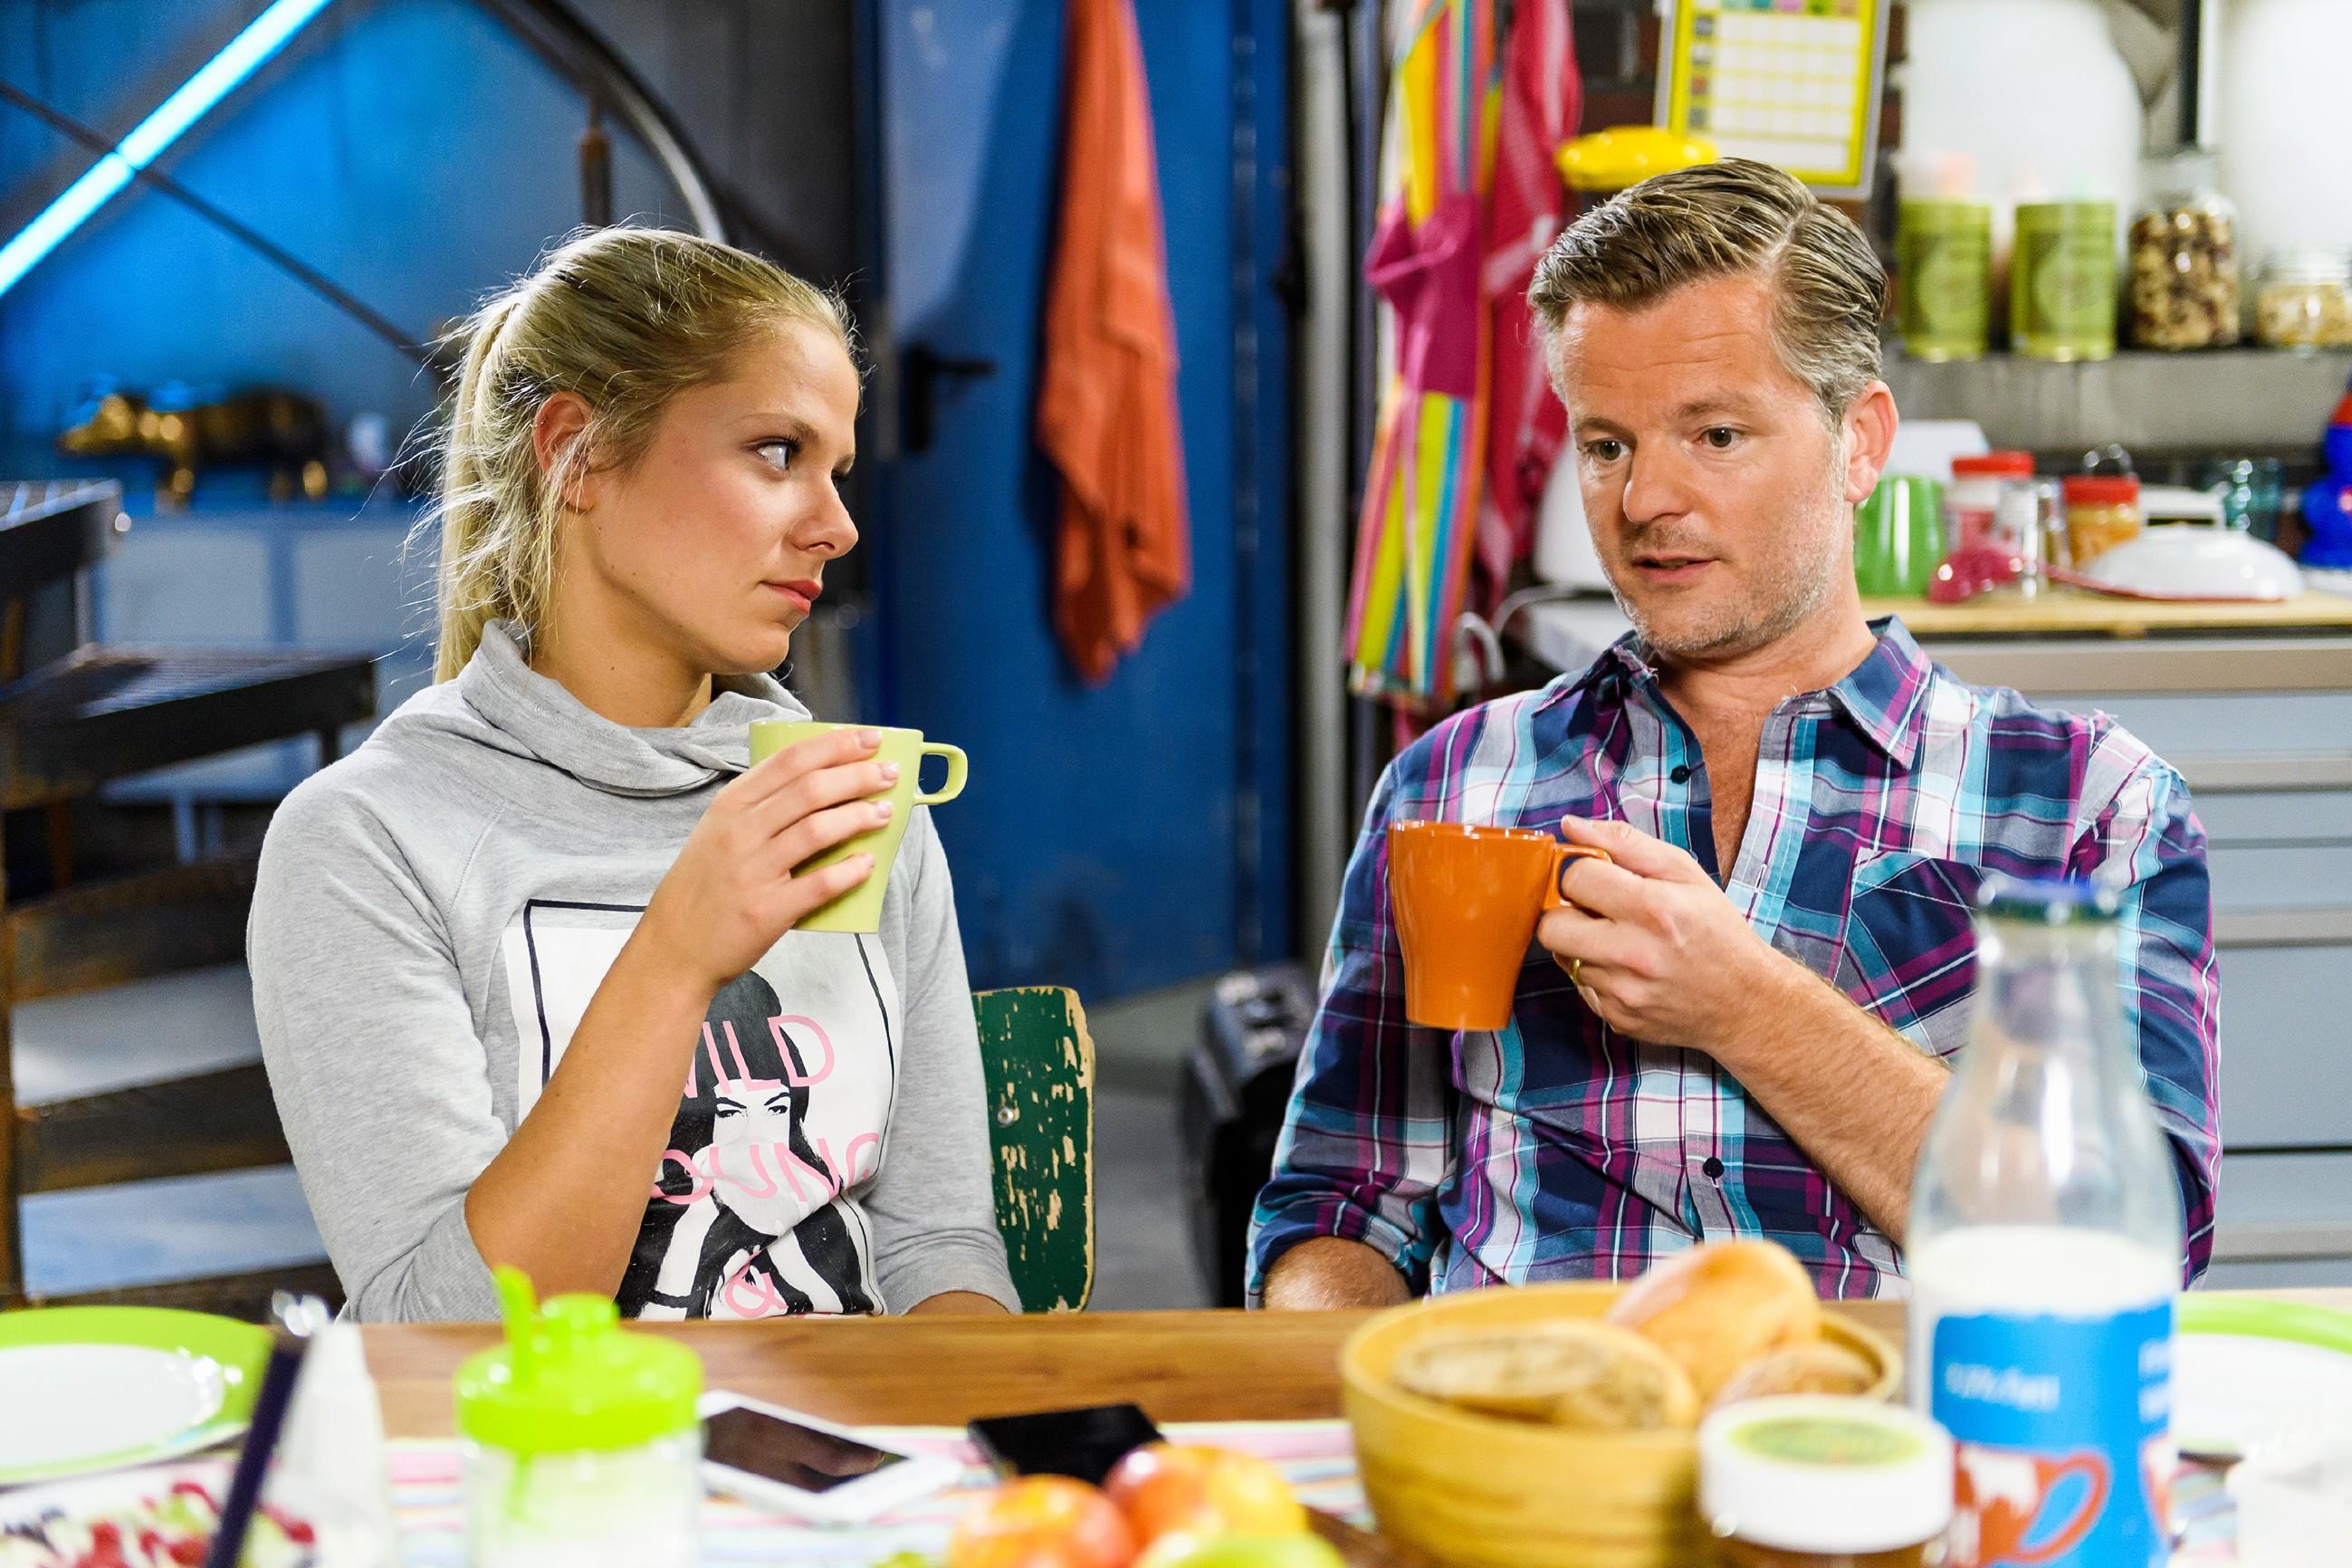 Um Marie (Cheyenne Pahde) zu beschützen, fegt Ingo (André Dietz) Dianas Vorschlag ohne Diskussion vom Tisch. (Quelle: RTL / Willi Weber)